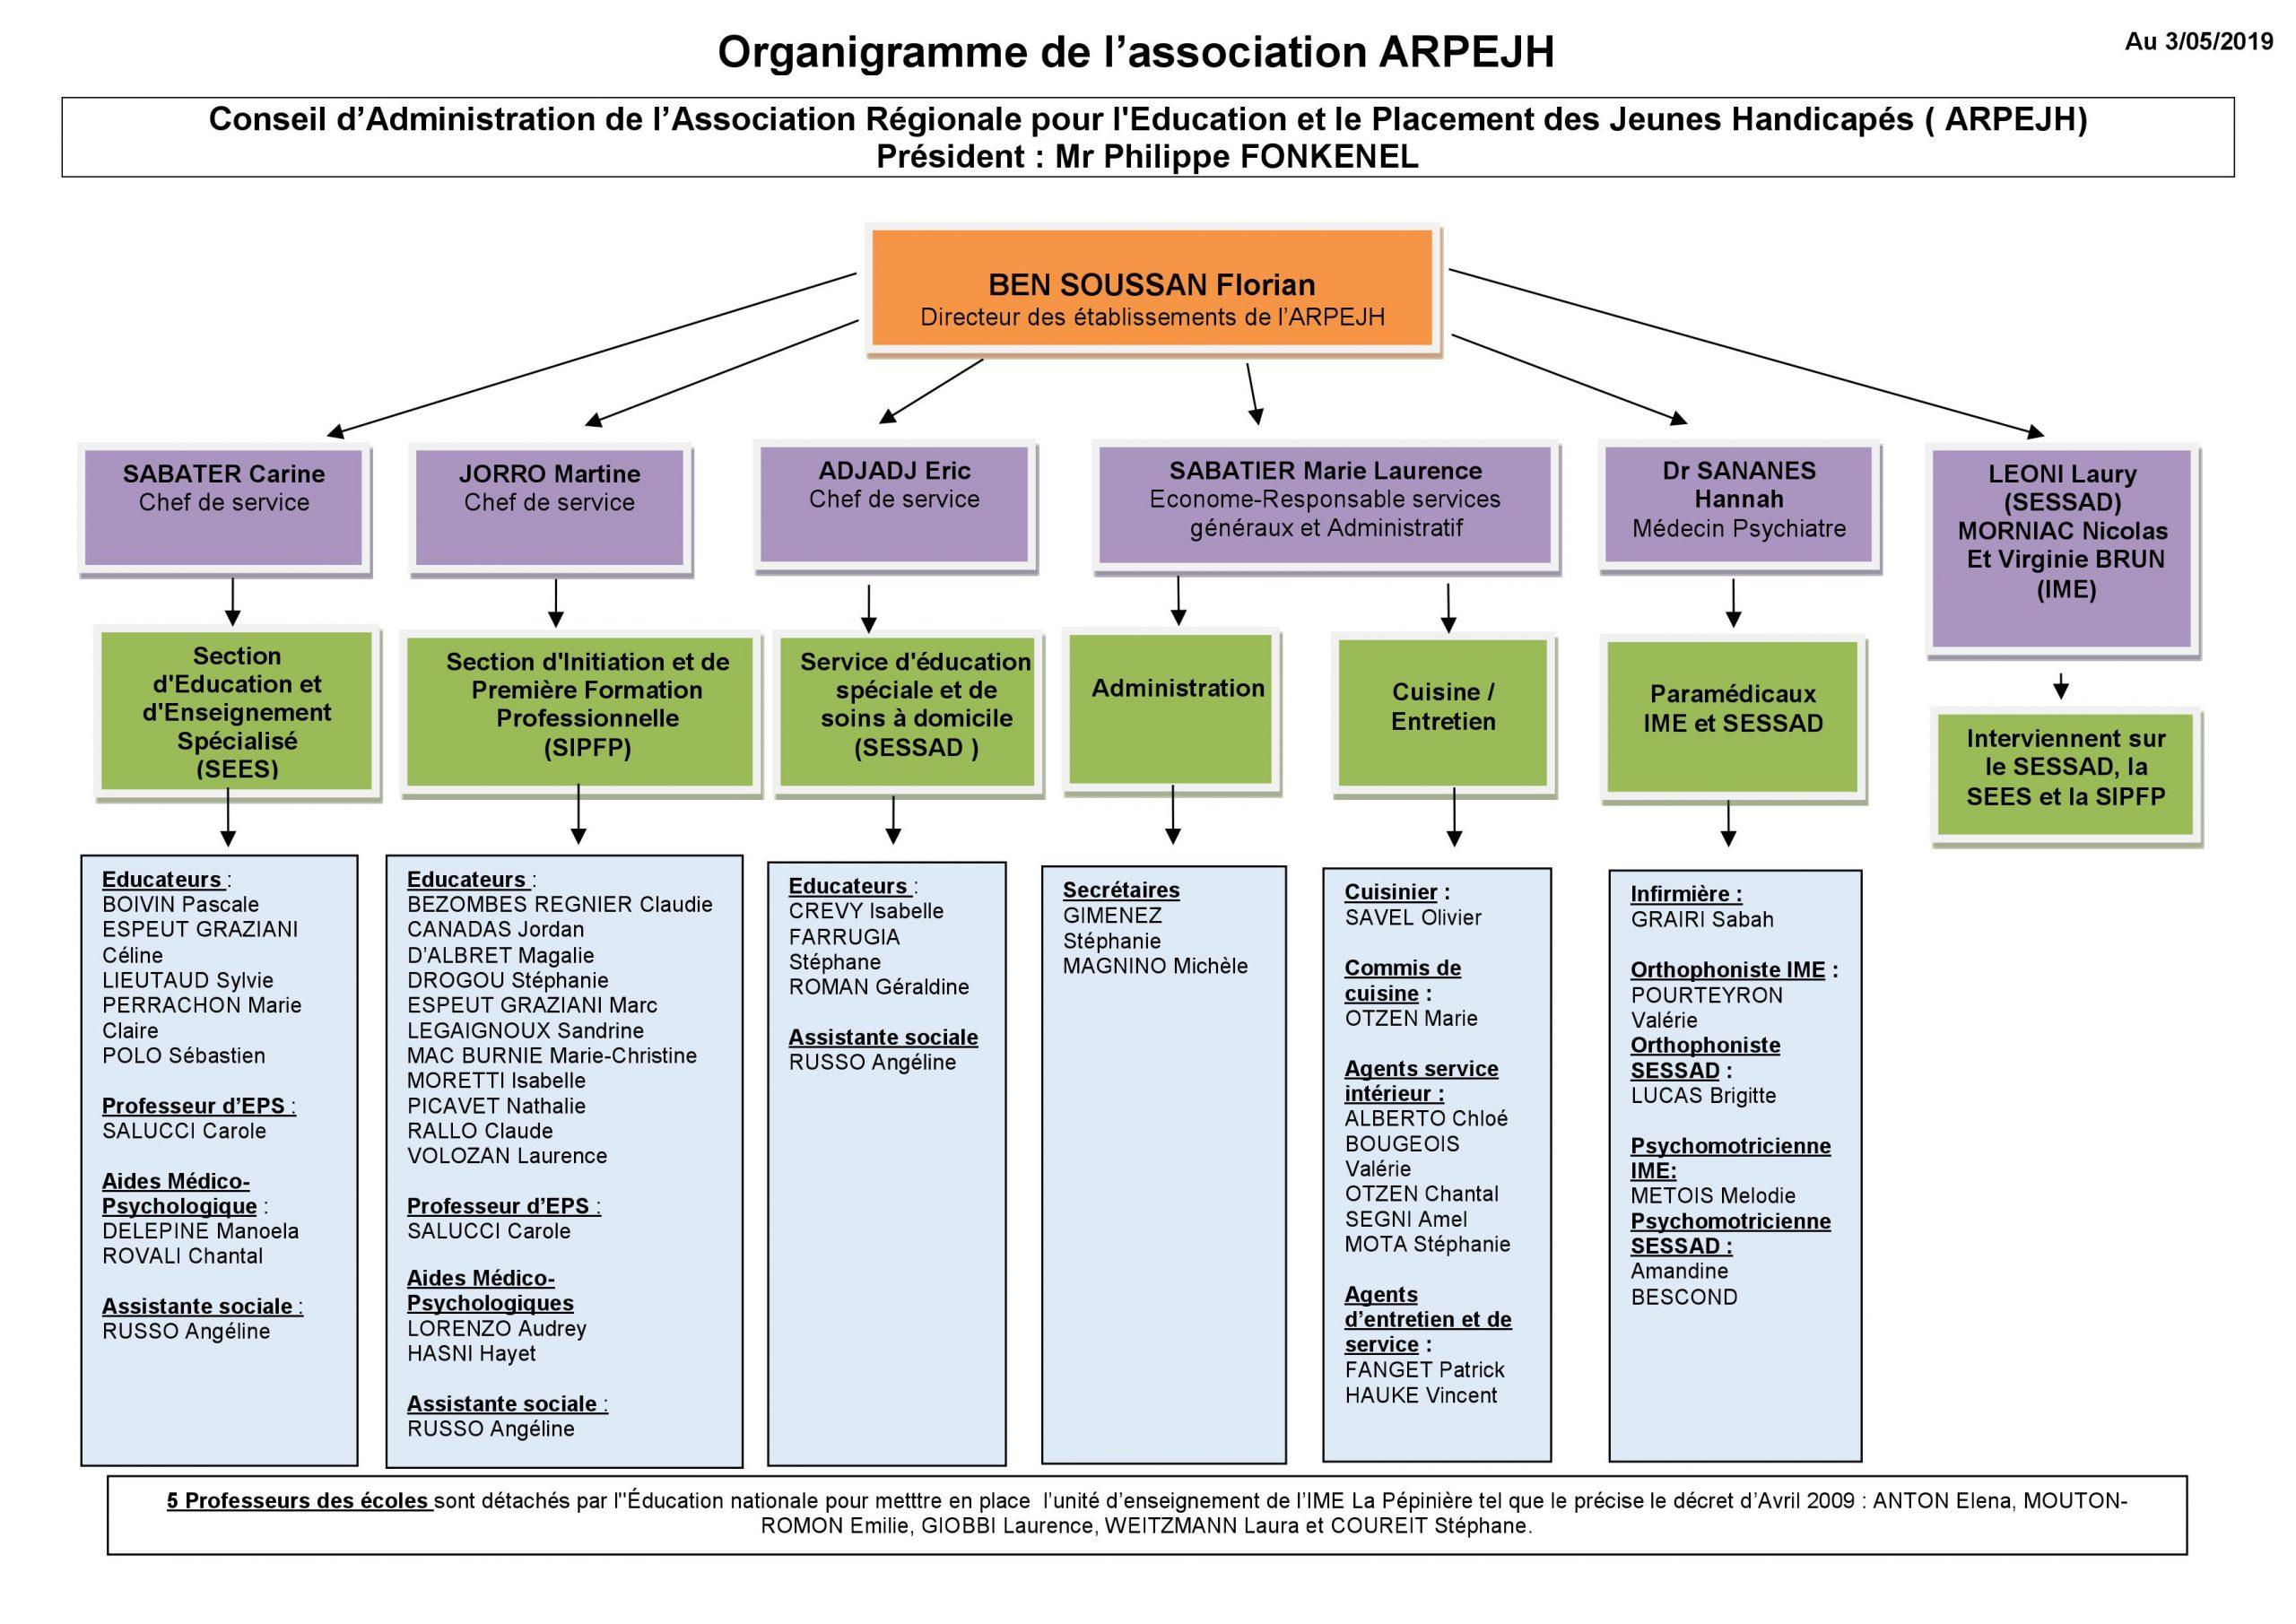 Organigramme De L'association • Ime La Pépinière - Sessad encequiconcerne Association De Formes